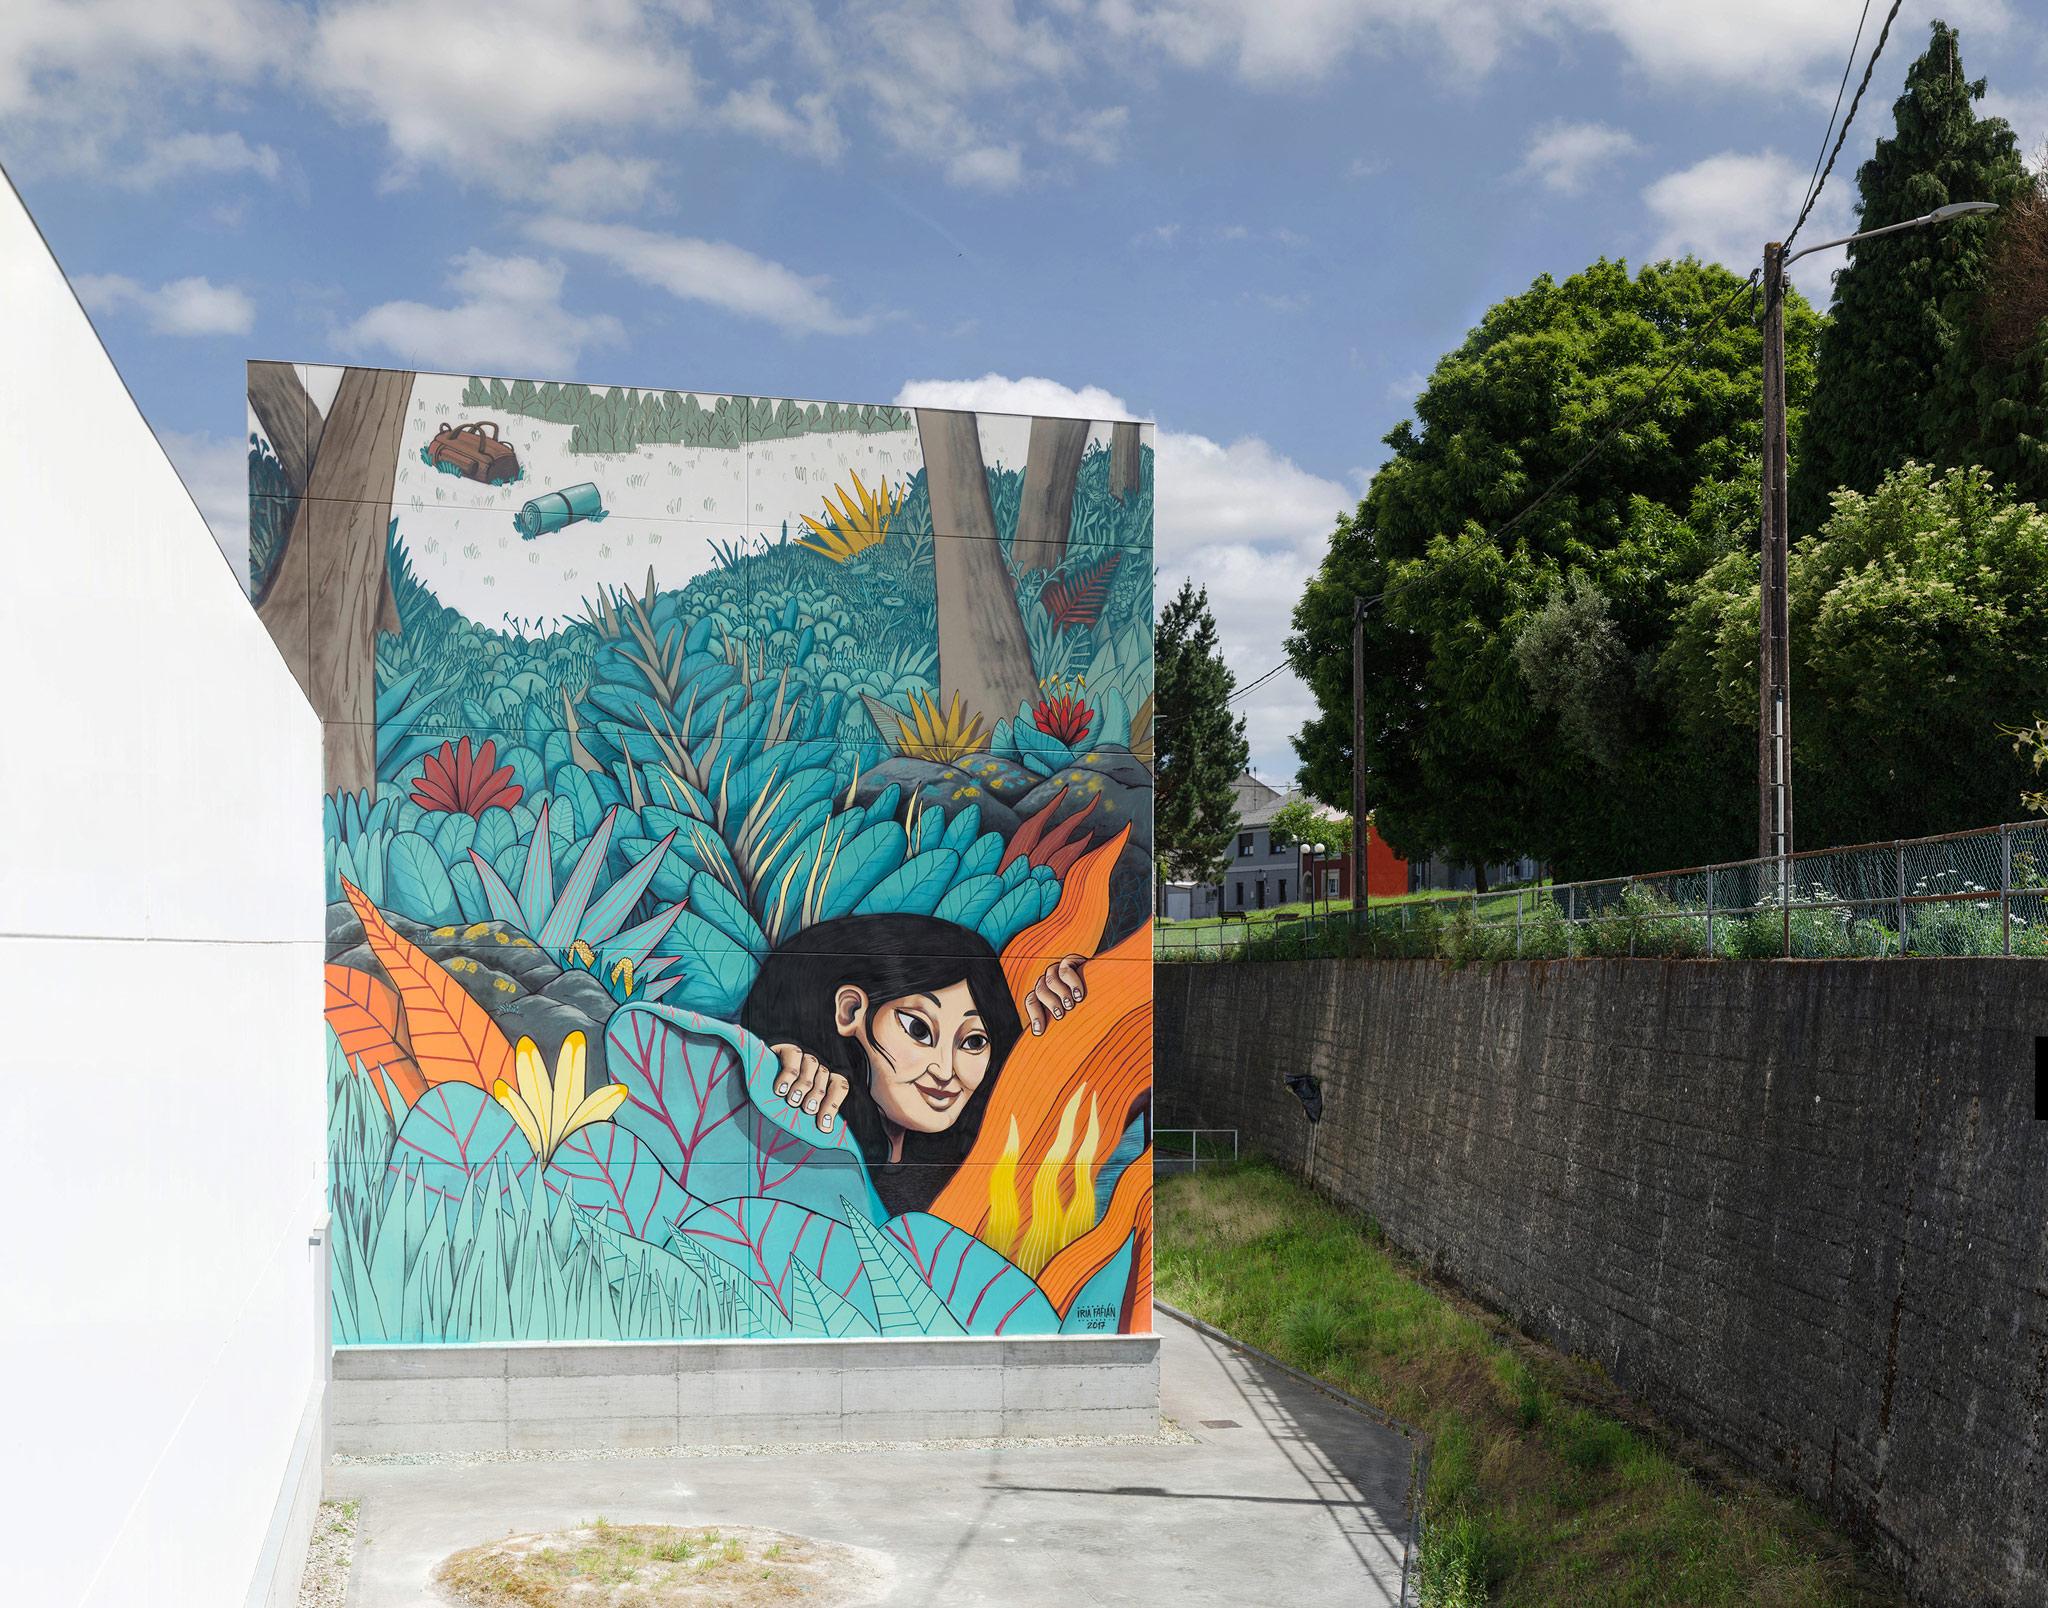 Foto principal mural Vida sinxela